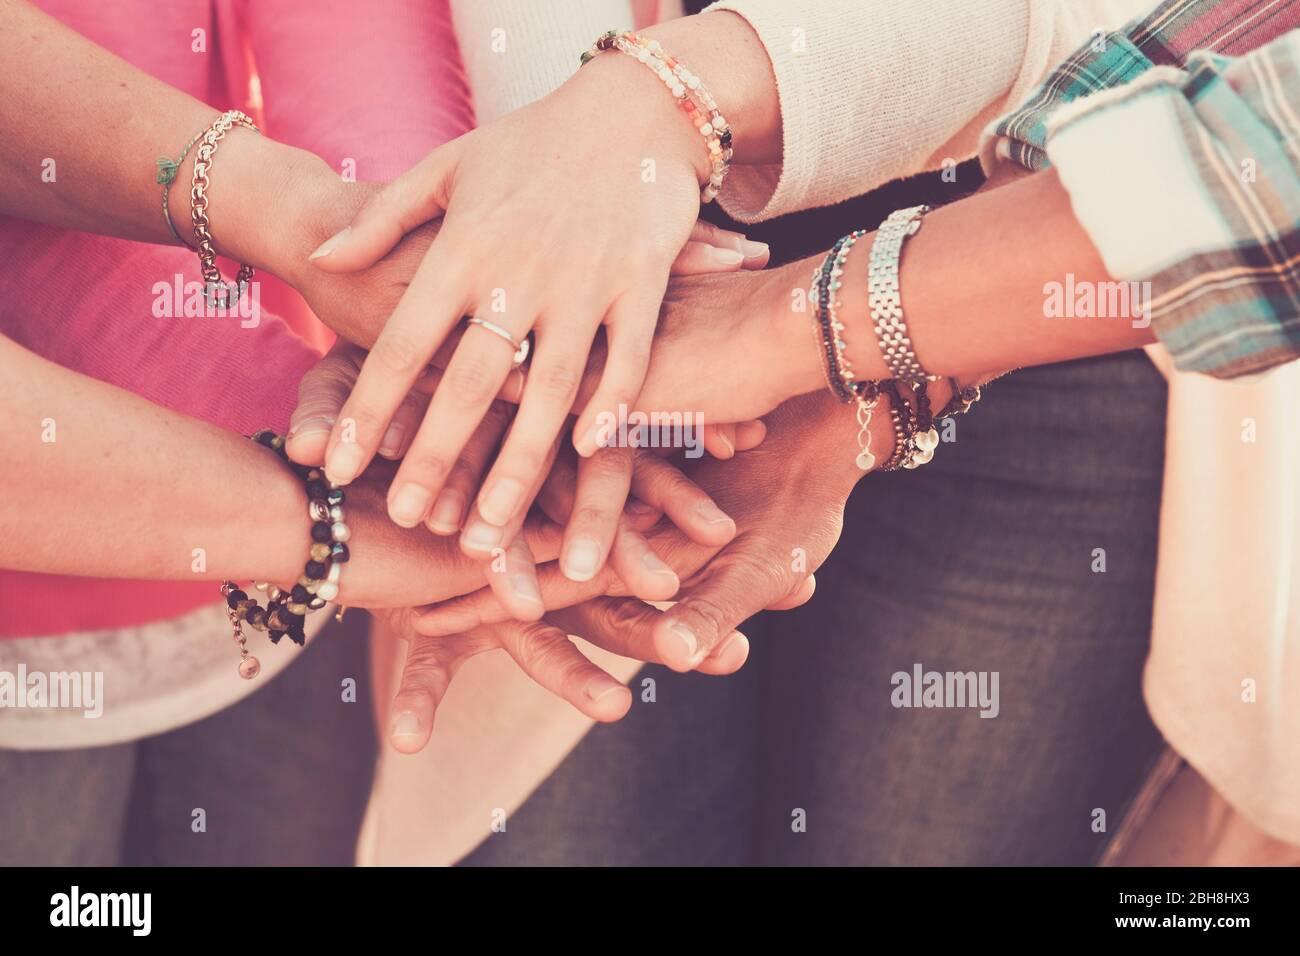 Teamwork und Freundschaft gemeinsam Konzept mit Händen an die Hand - Frauen Power Day für Arbeit und Freunde - kaukasischen Menschen Team in Vintage-Filterfarben Stockfoto